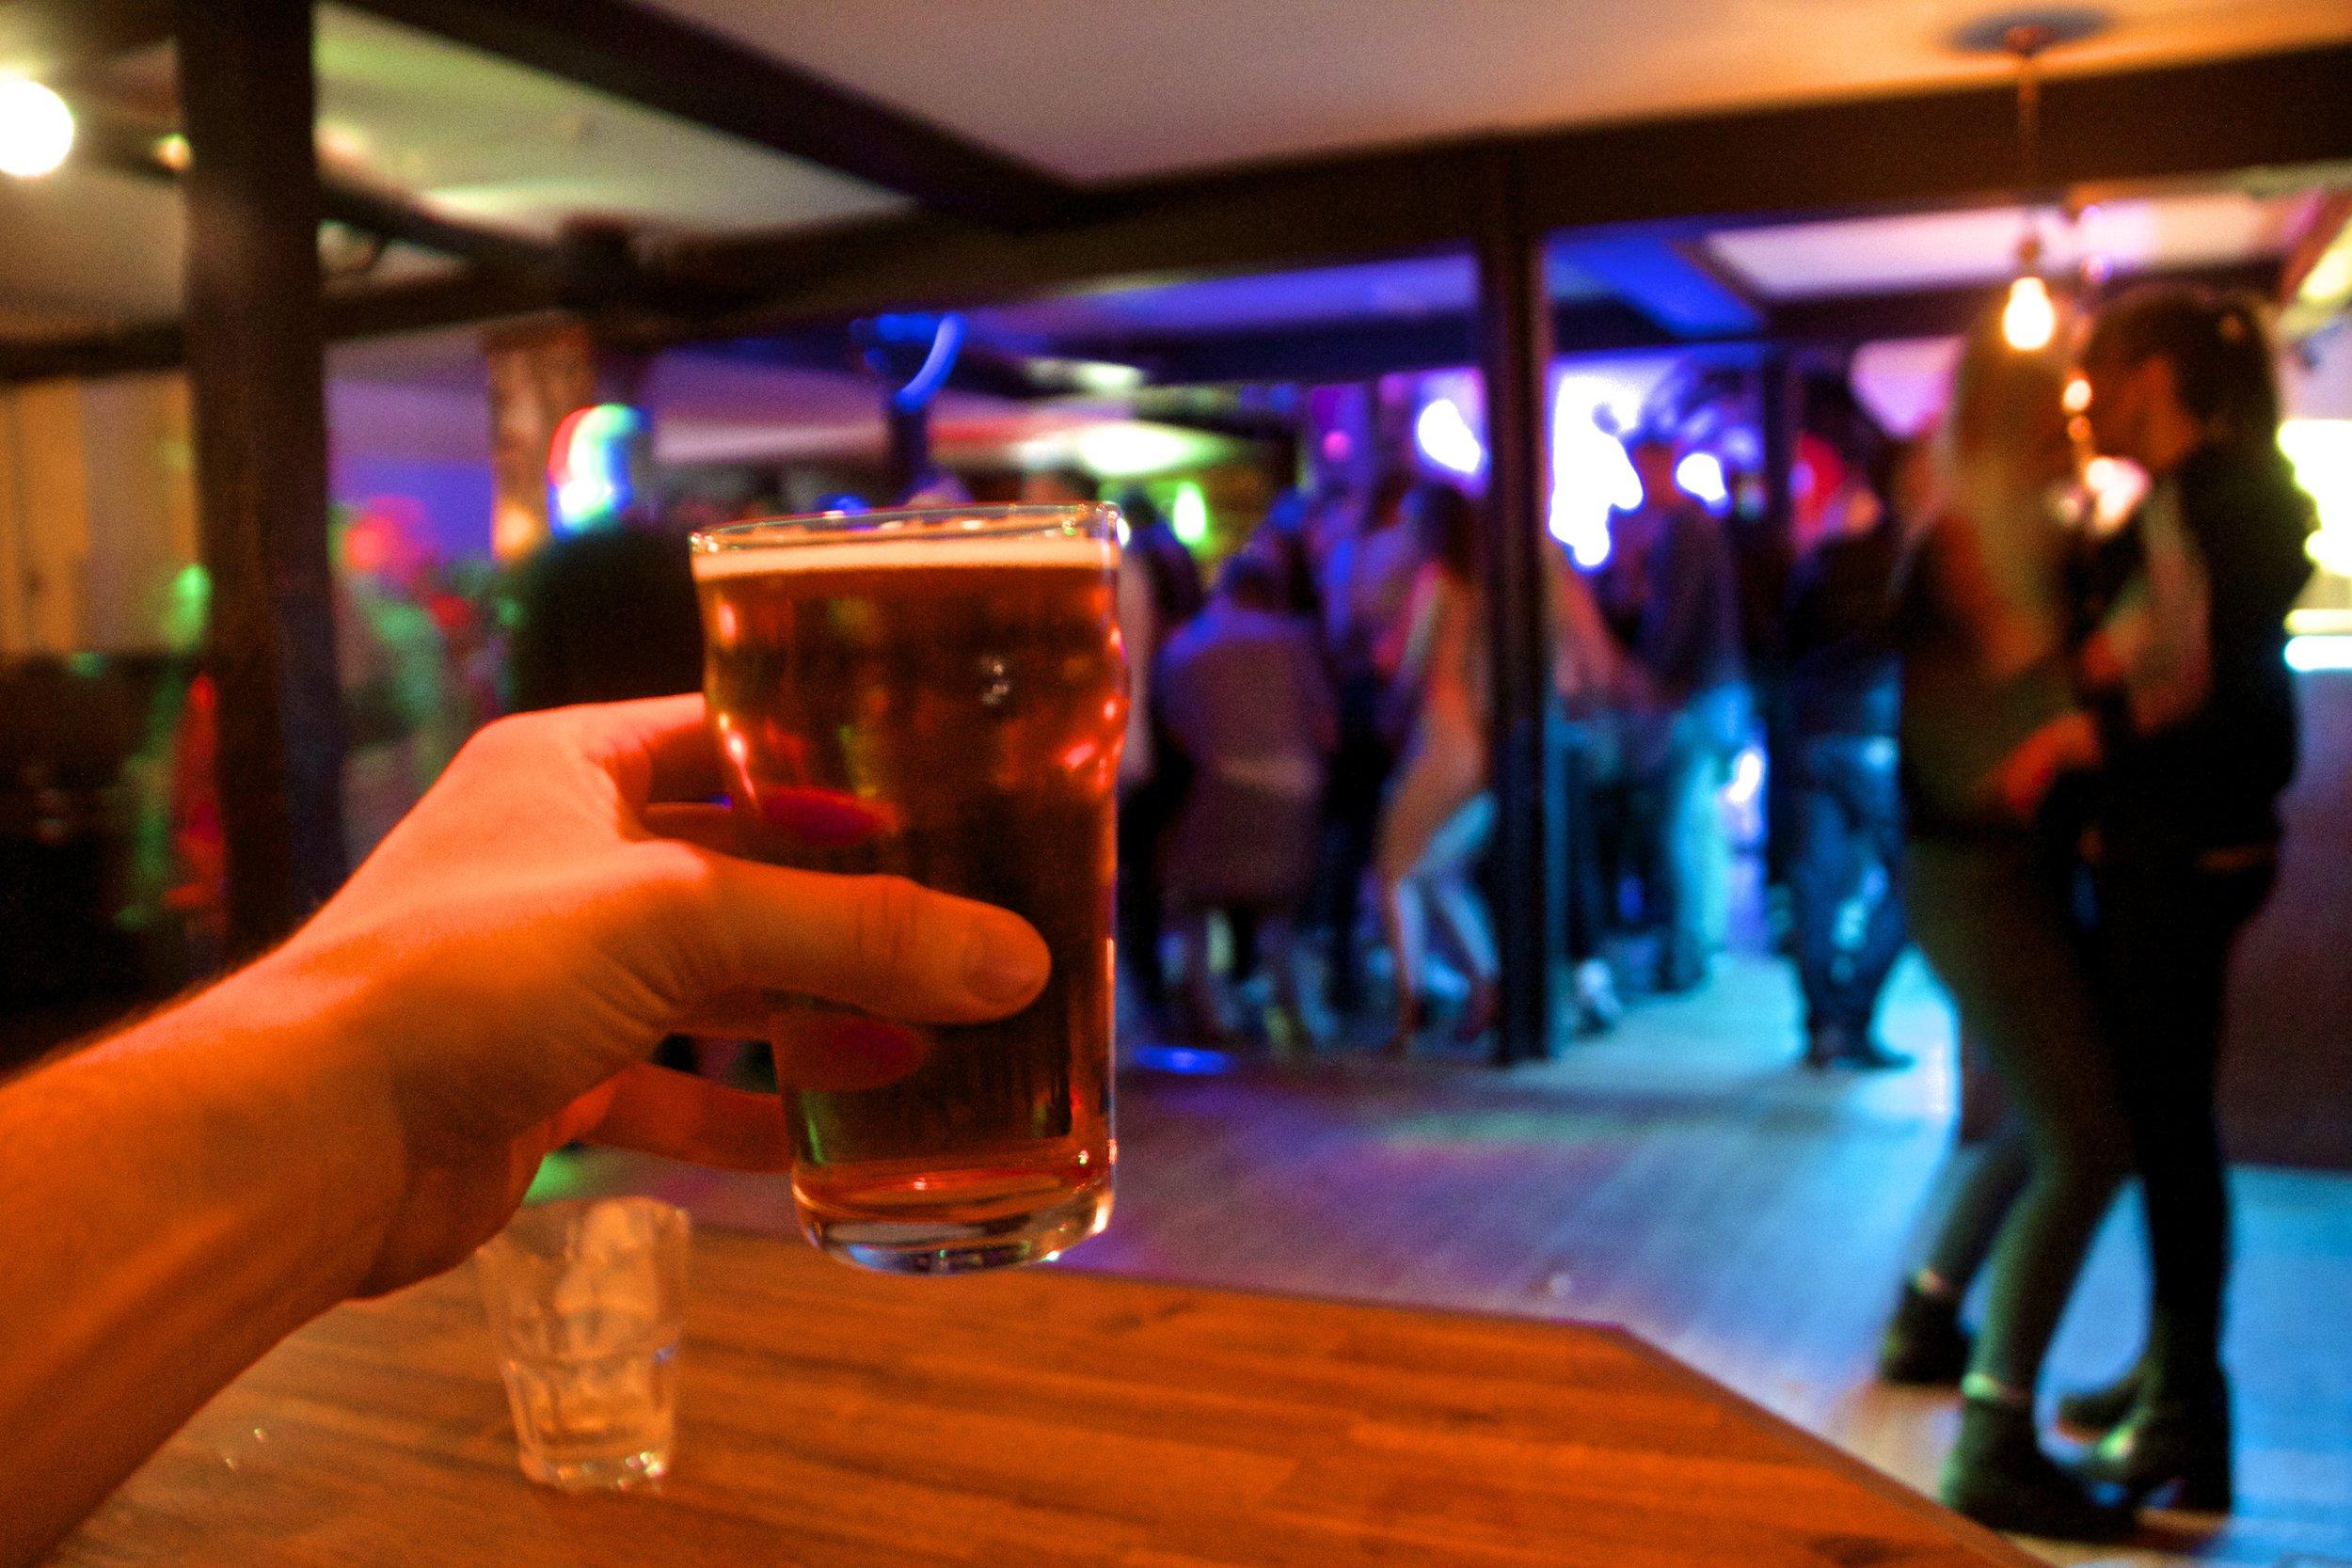 reykjavik nightlife D10 2.jpg